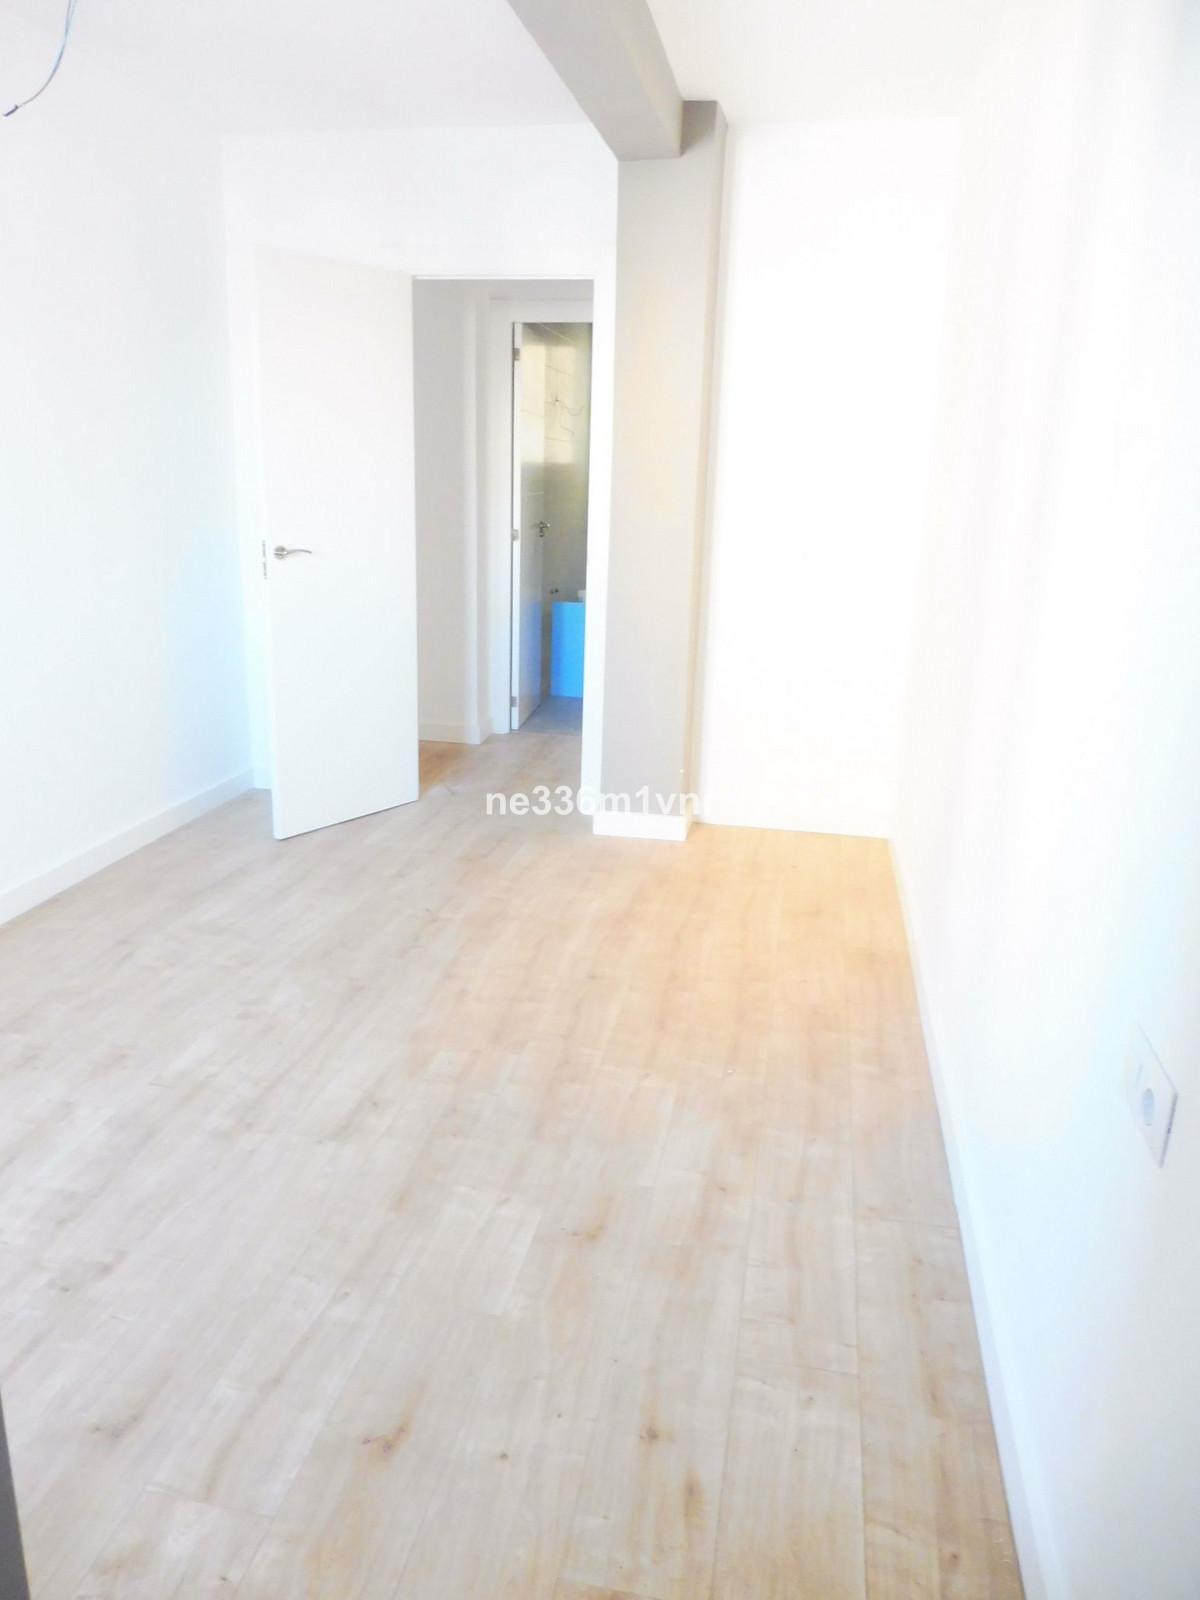 R3139474: Apartment for sale in Málaga